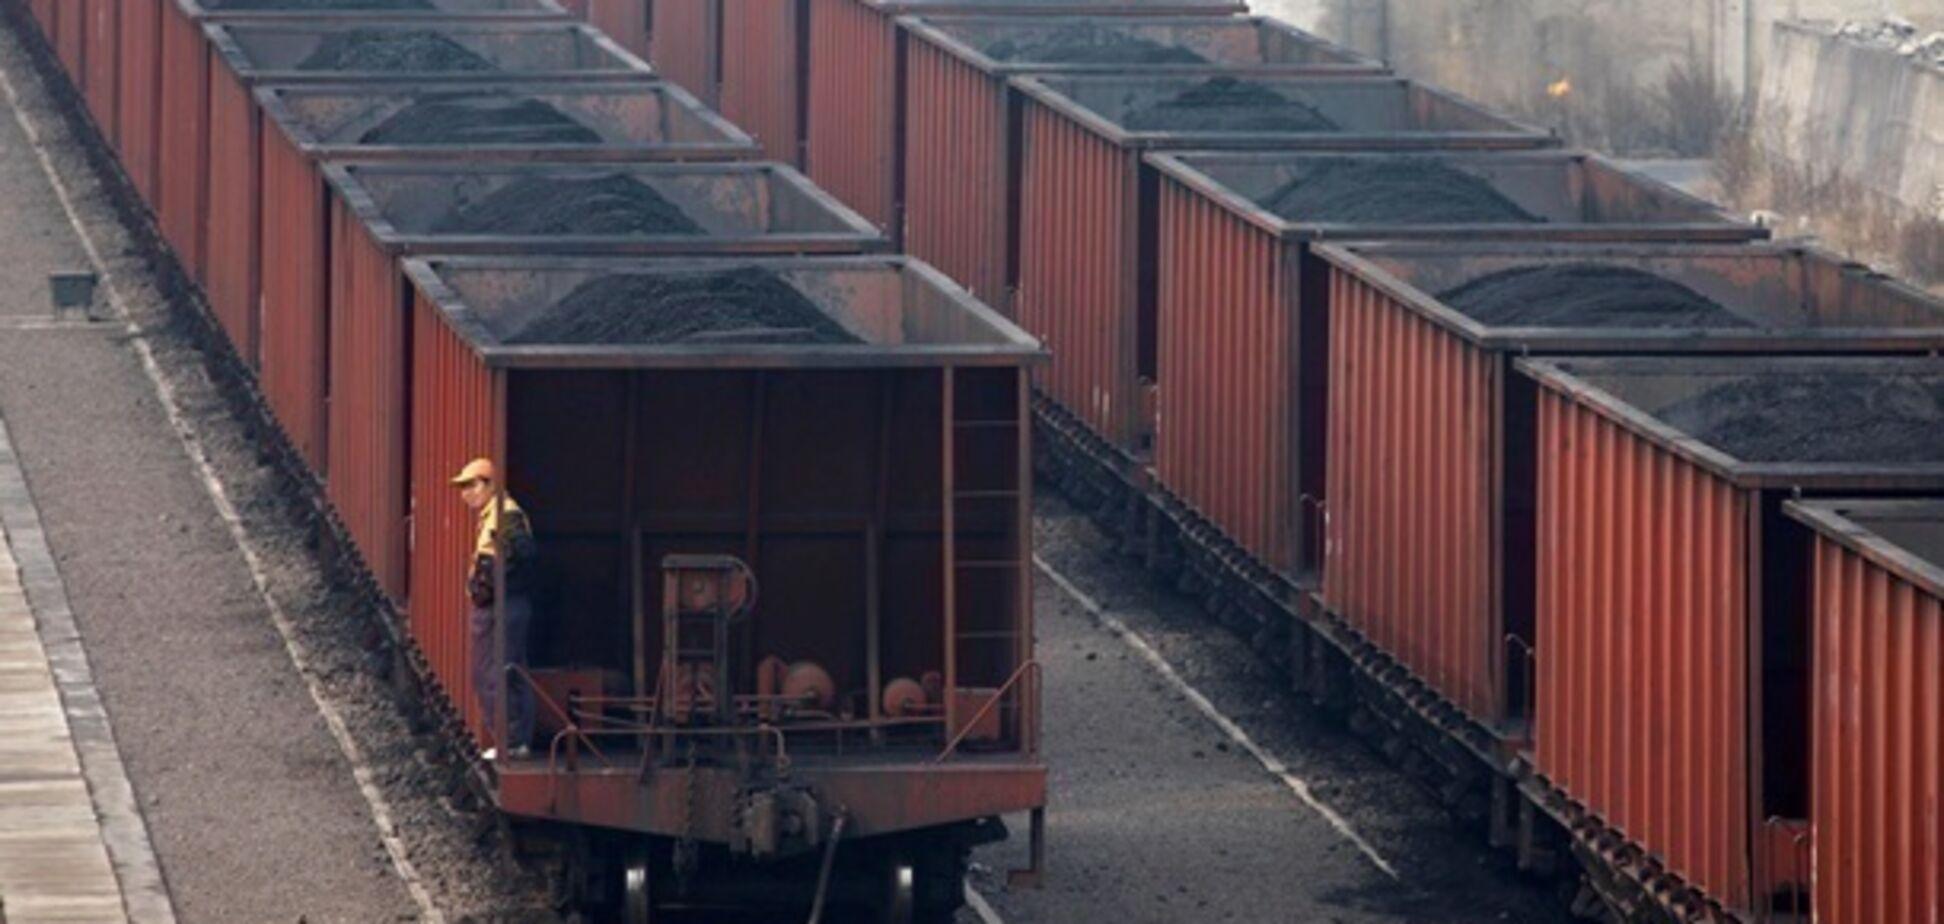 Скандал із вугіллям з ''Л/ДНР'': Україна викличе на килим послів Туреччини та Польщі